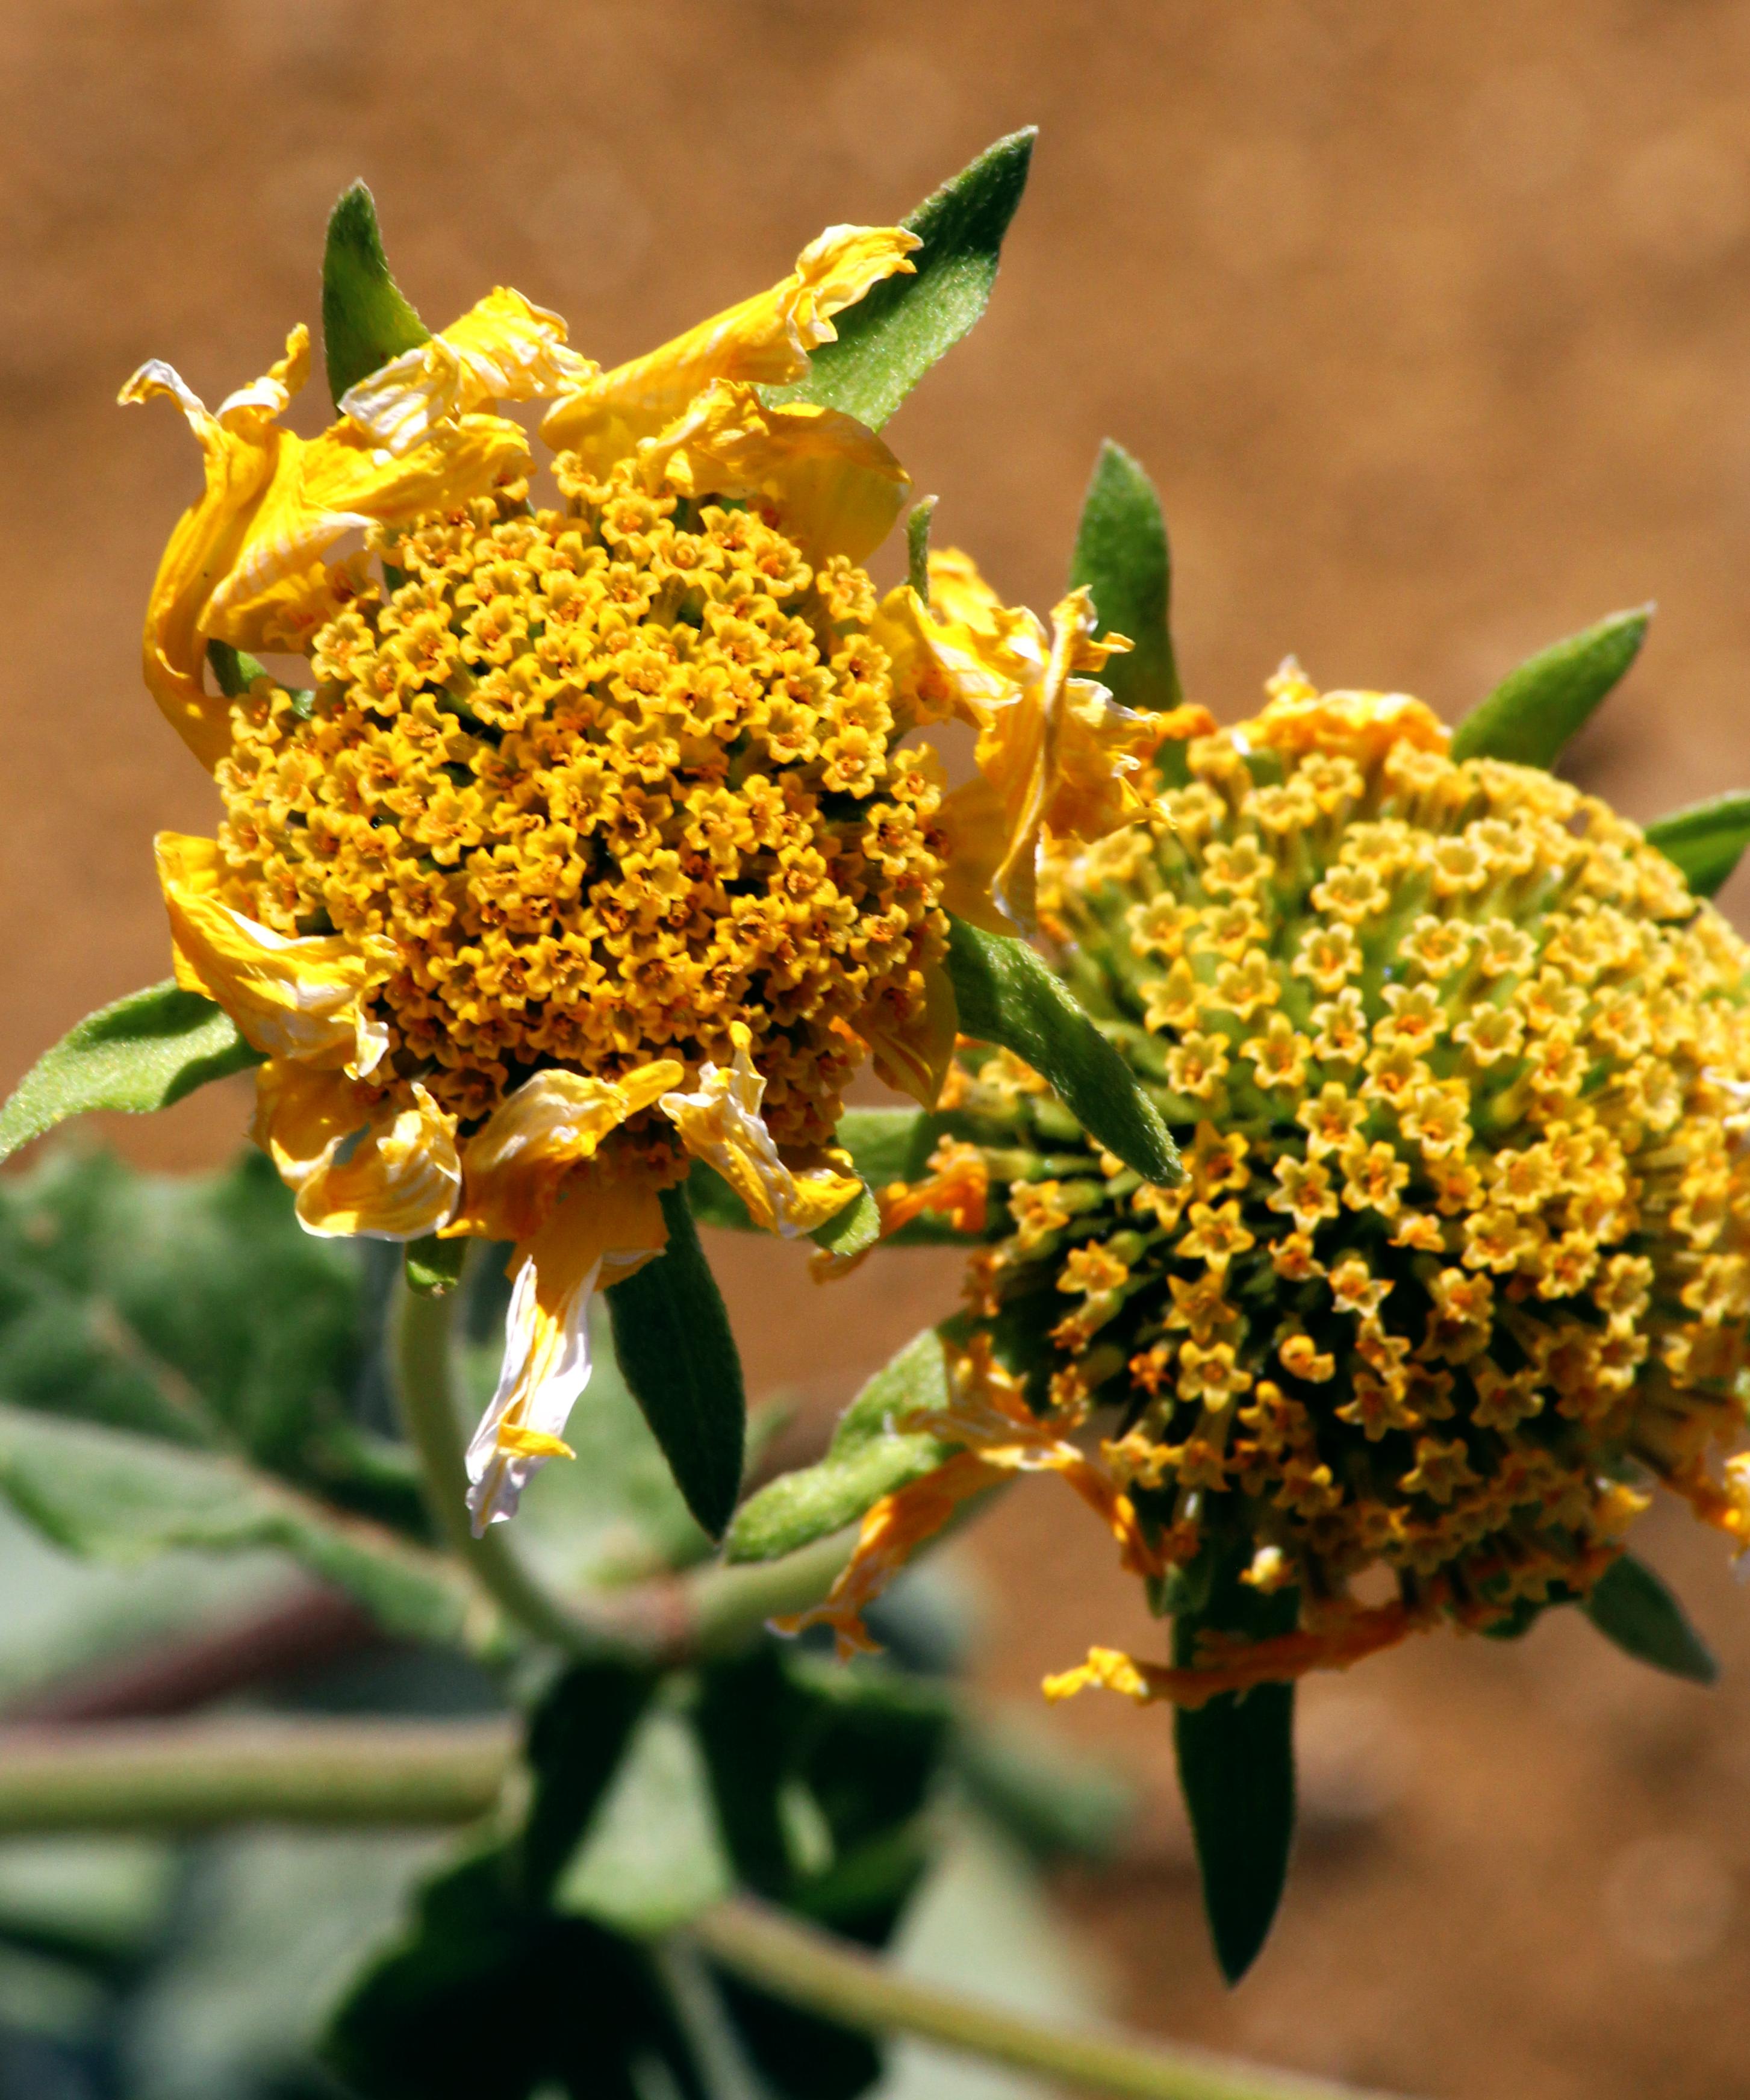 flower, not a grasswren